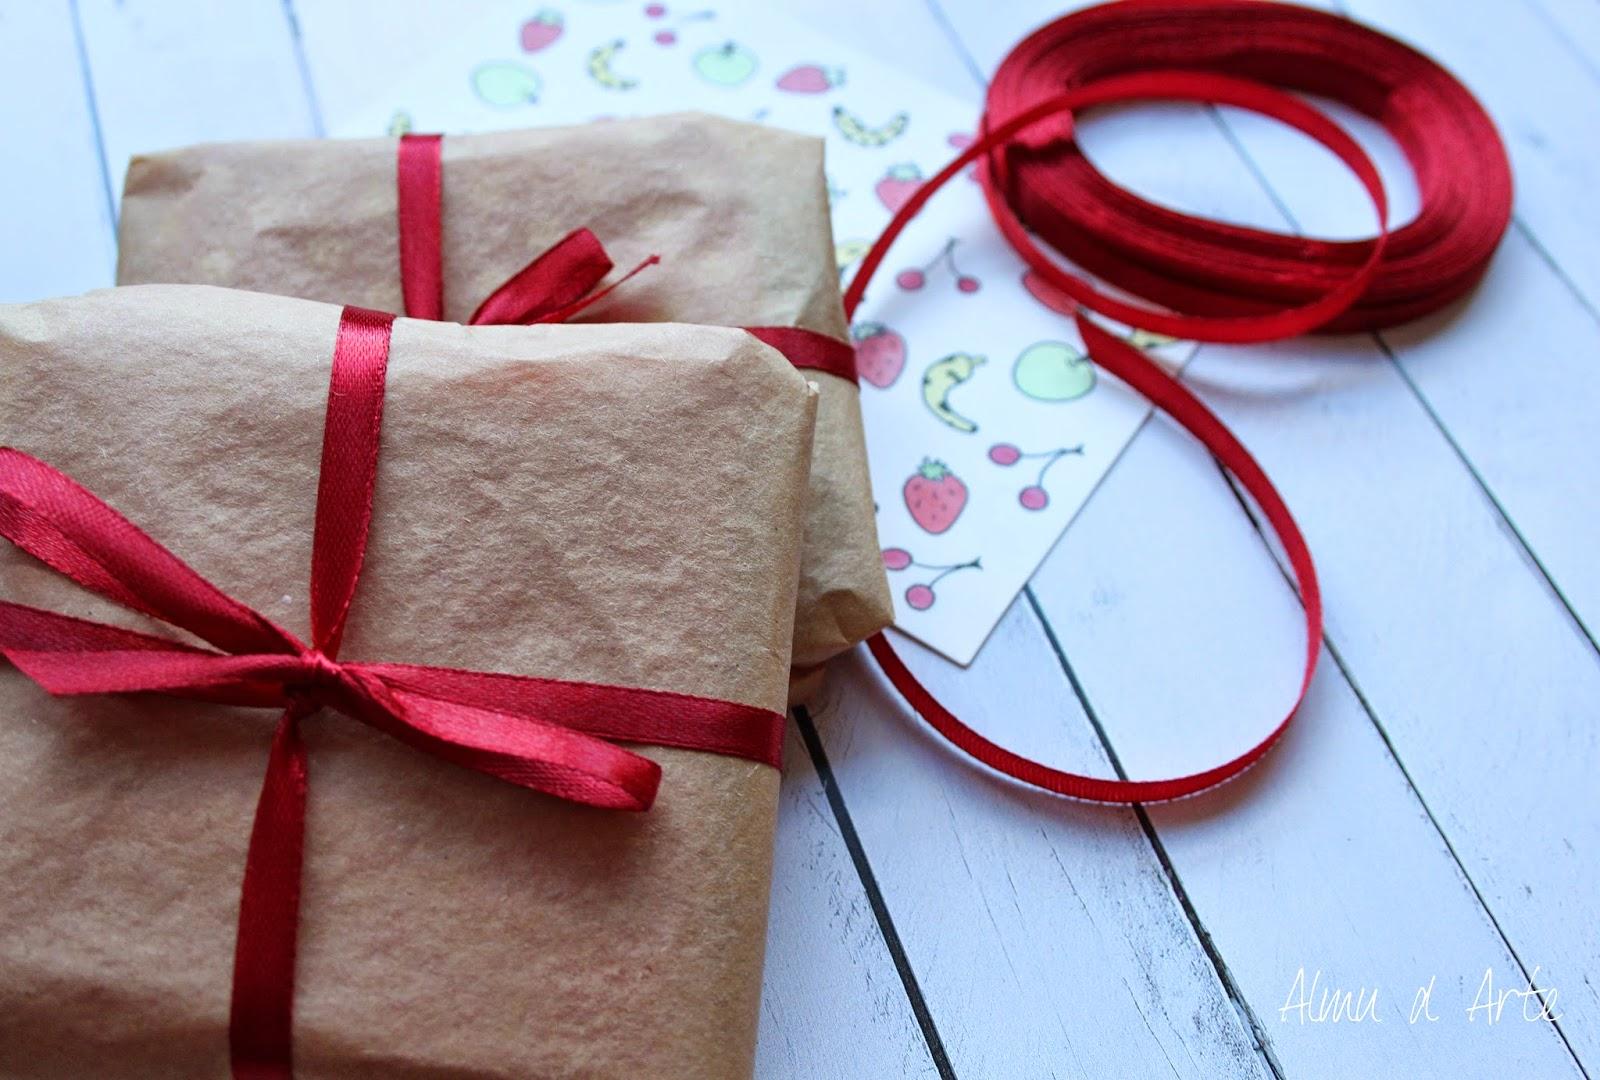 Packaging handmade